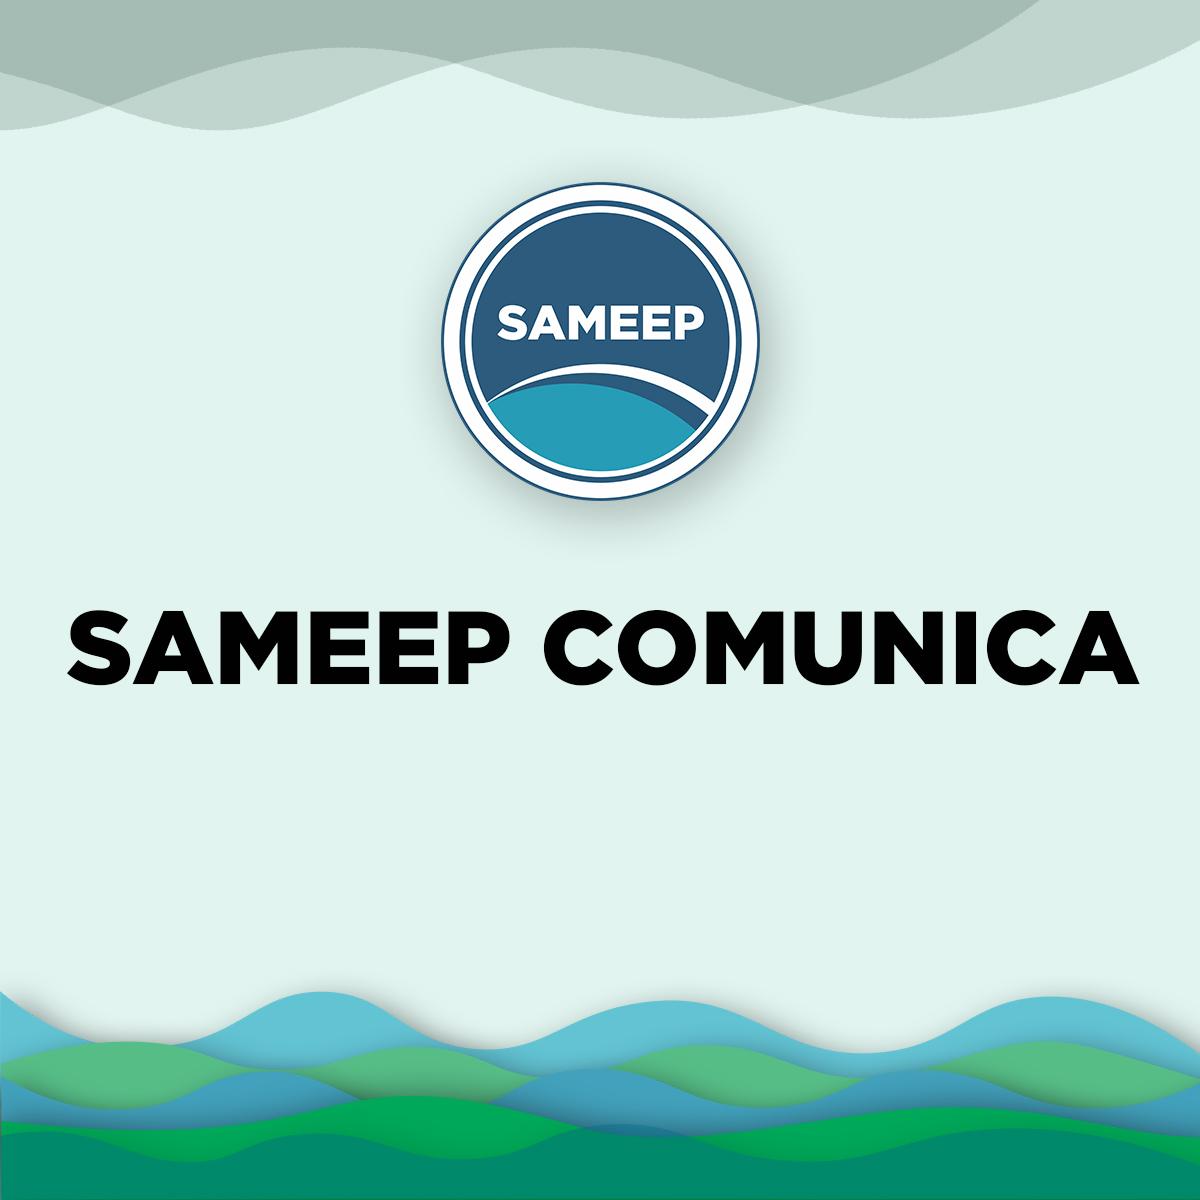 Sameep recuerda a los usuarios que cuenta con un punto de atención comercial dentro de la Terminal de Ómnibus de Resistencia